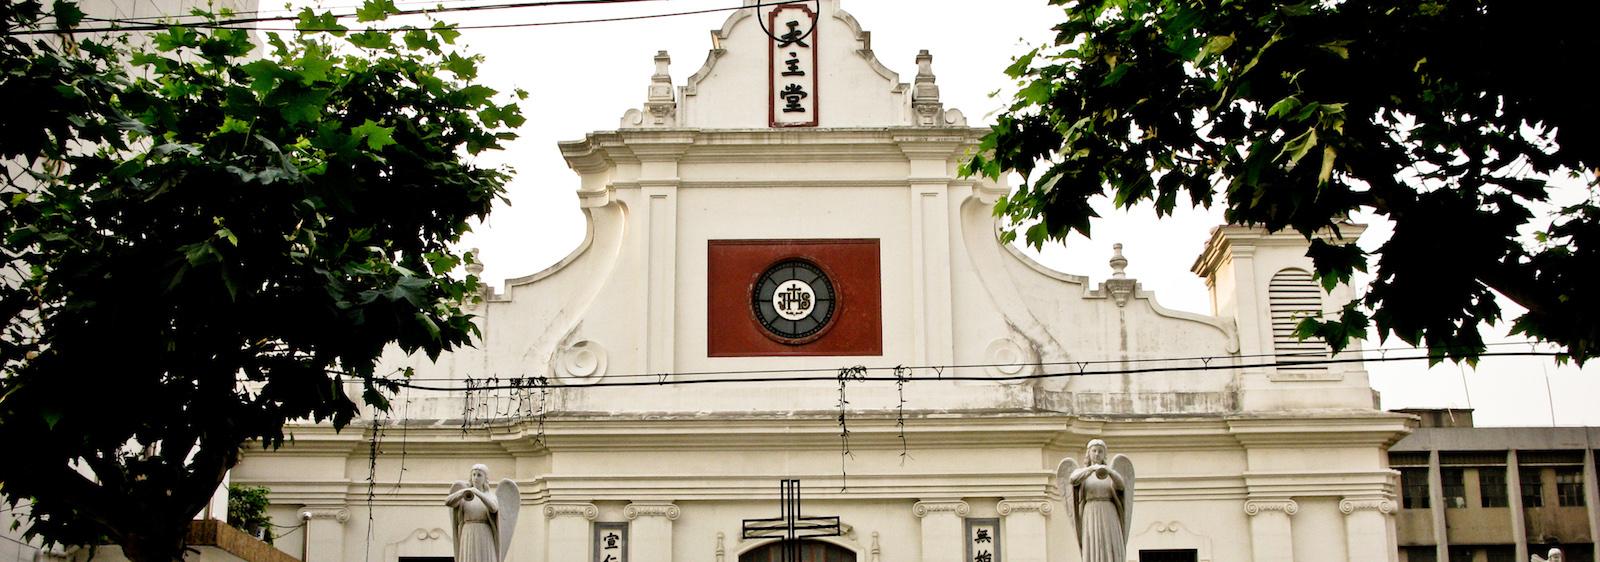 Кафедральный собор Святого Ксаверия